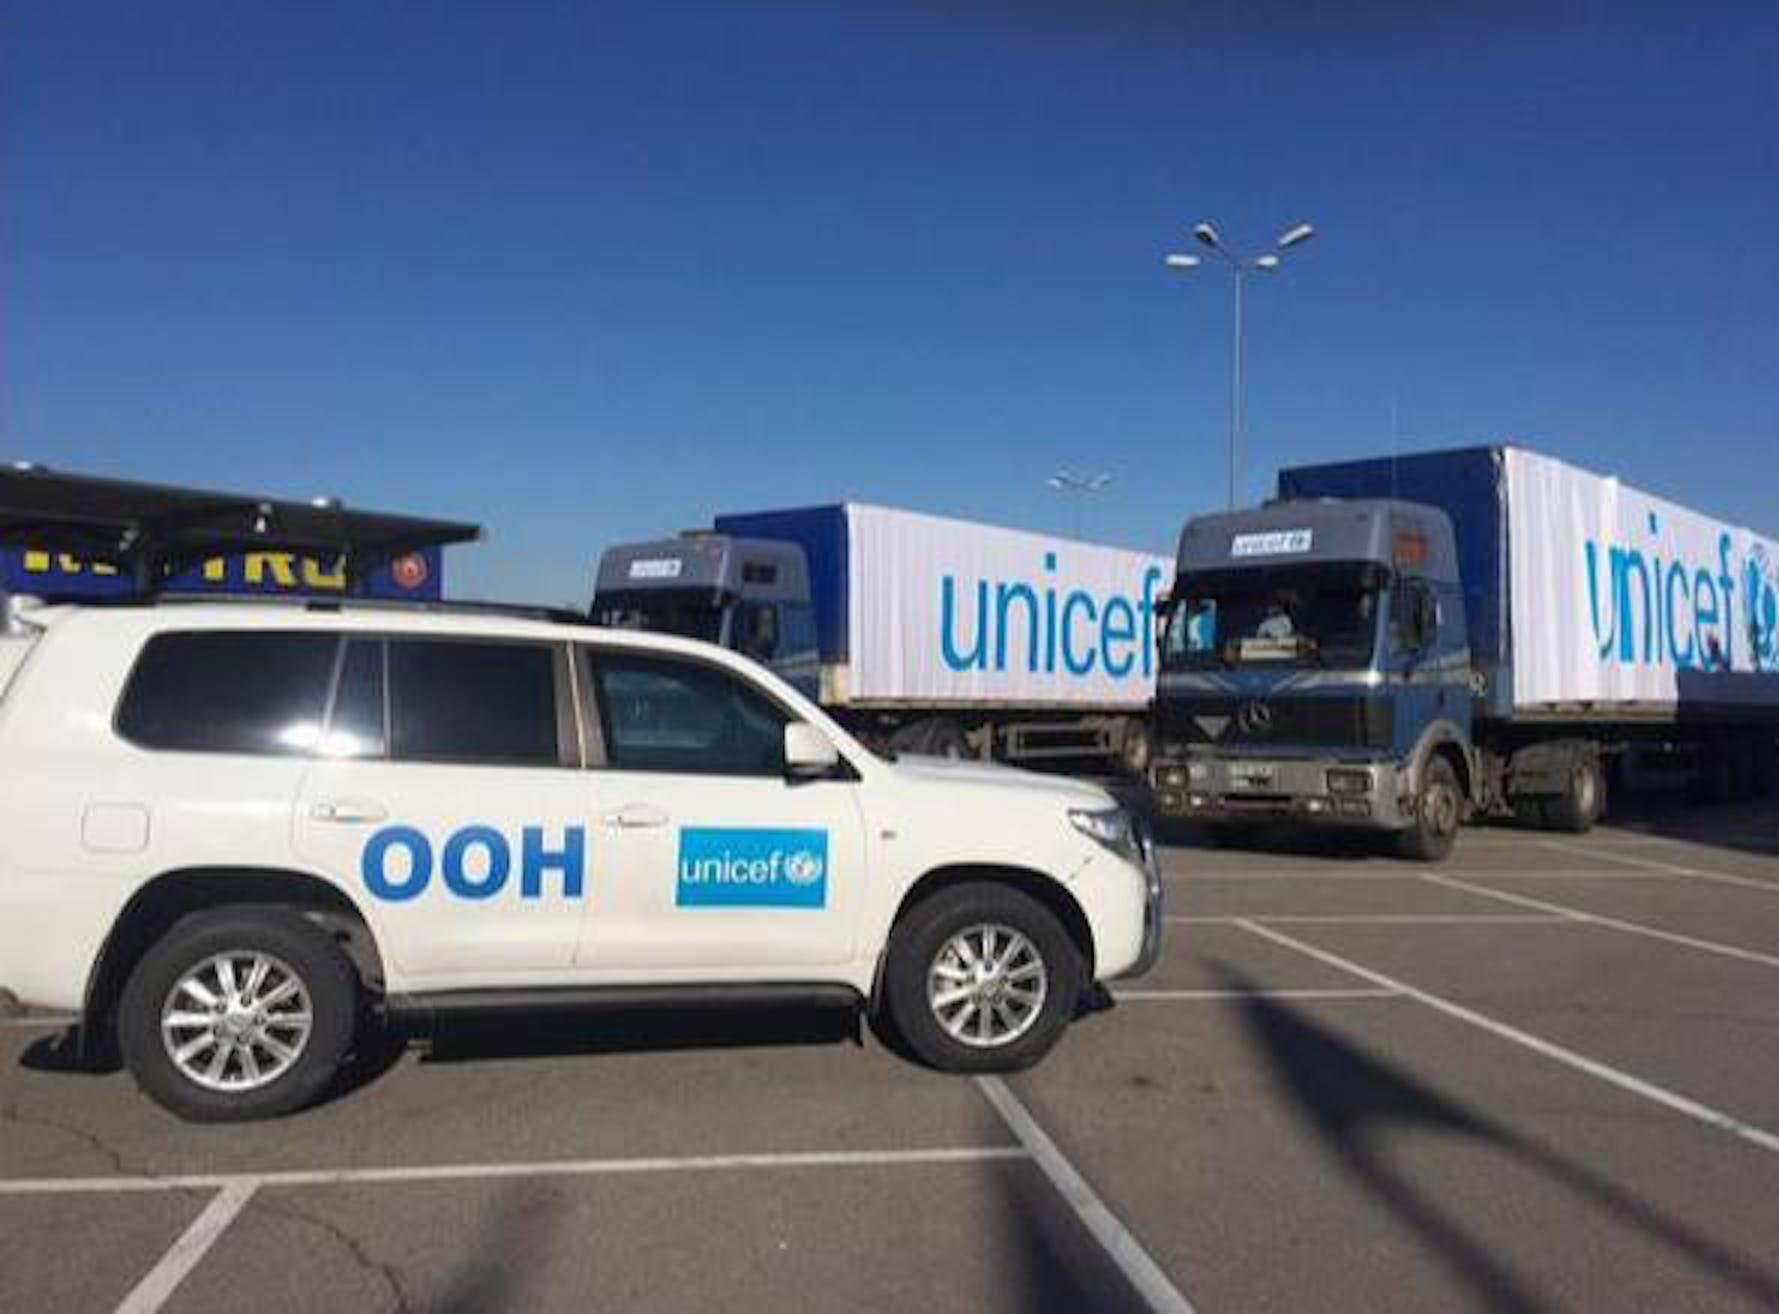 Alcuni mezzi UNICEF del convoglio delle Nazioni Unite che ha portato aiuti umanitari a Donetsk, nell'est dell'Ucraina - ©UNICEF Ucraina/2015